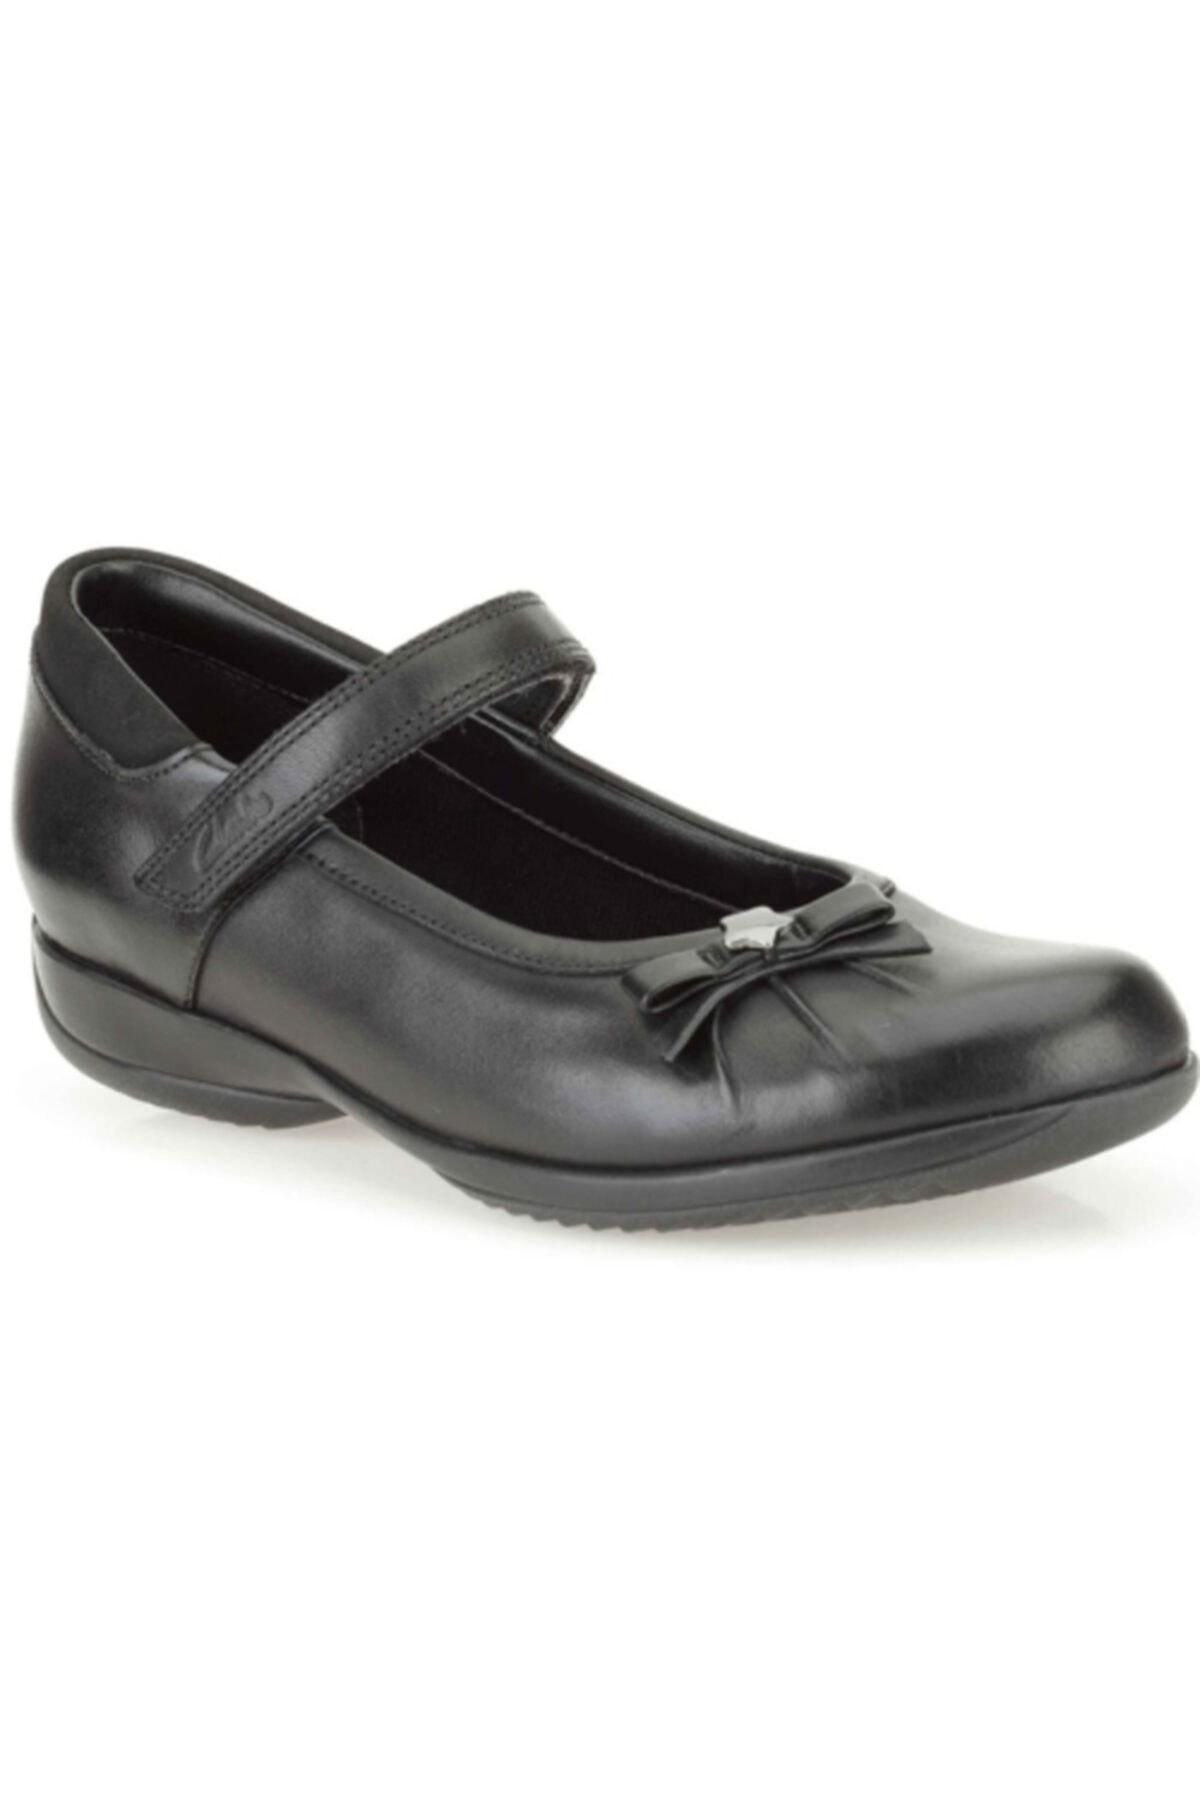 CLARKS Kız Çocuk Siyah Cırtlı Ayakkabı 1